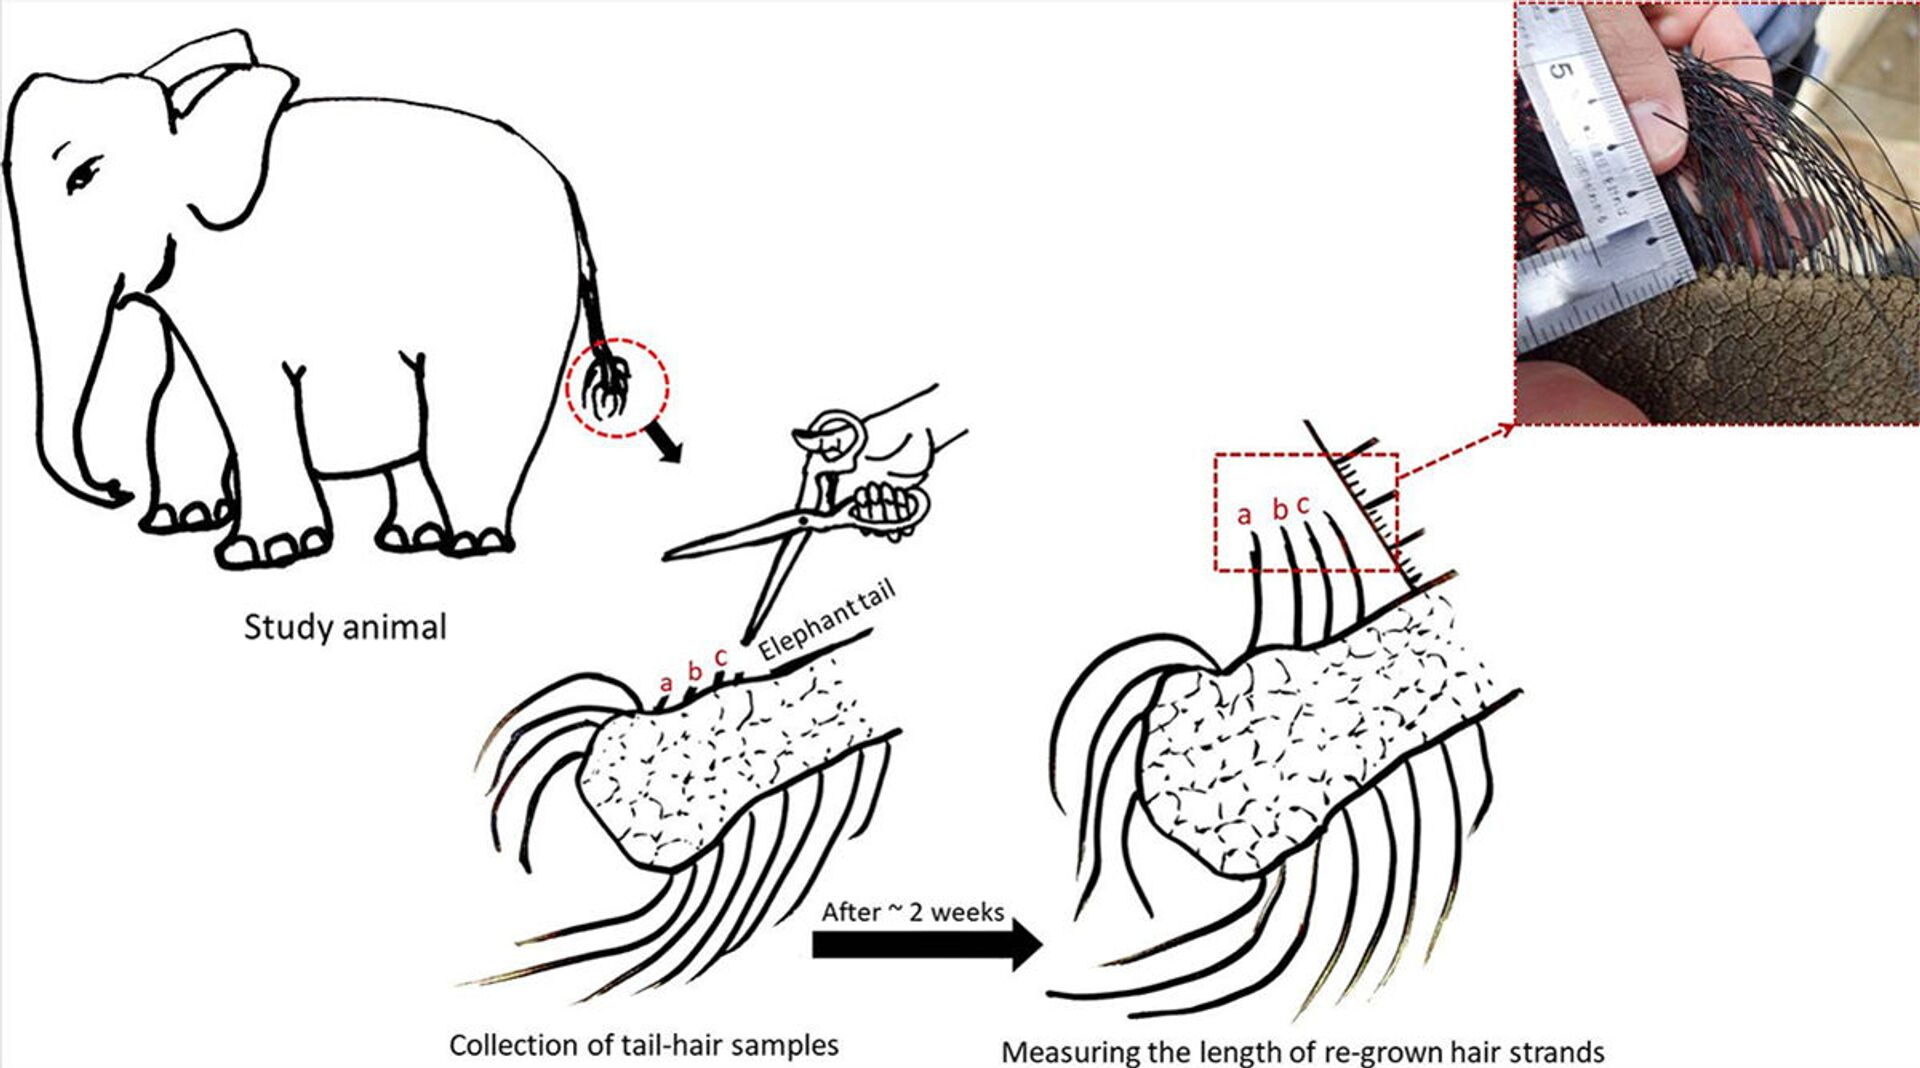 Bằng chứng trung thực nhất: Nghiên cứu đời sống của voi qua lông đuôi - Sputnik Việt Nam, 1920, 05.03.2021